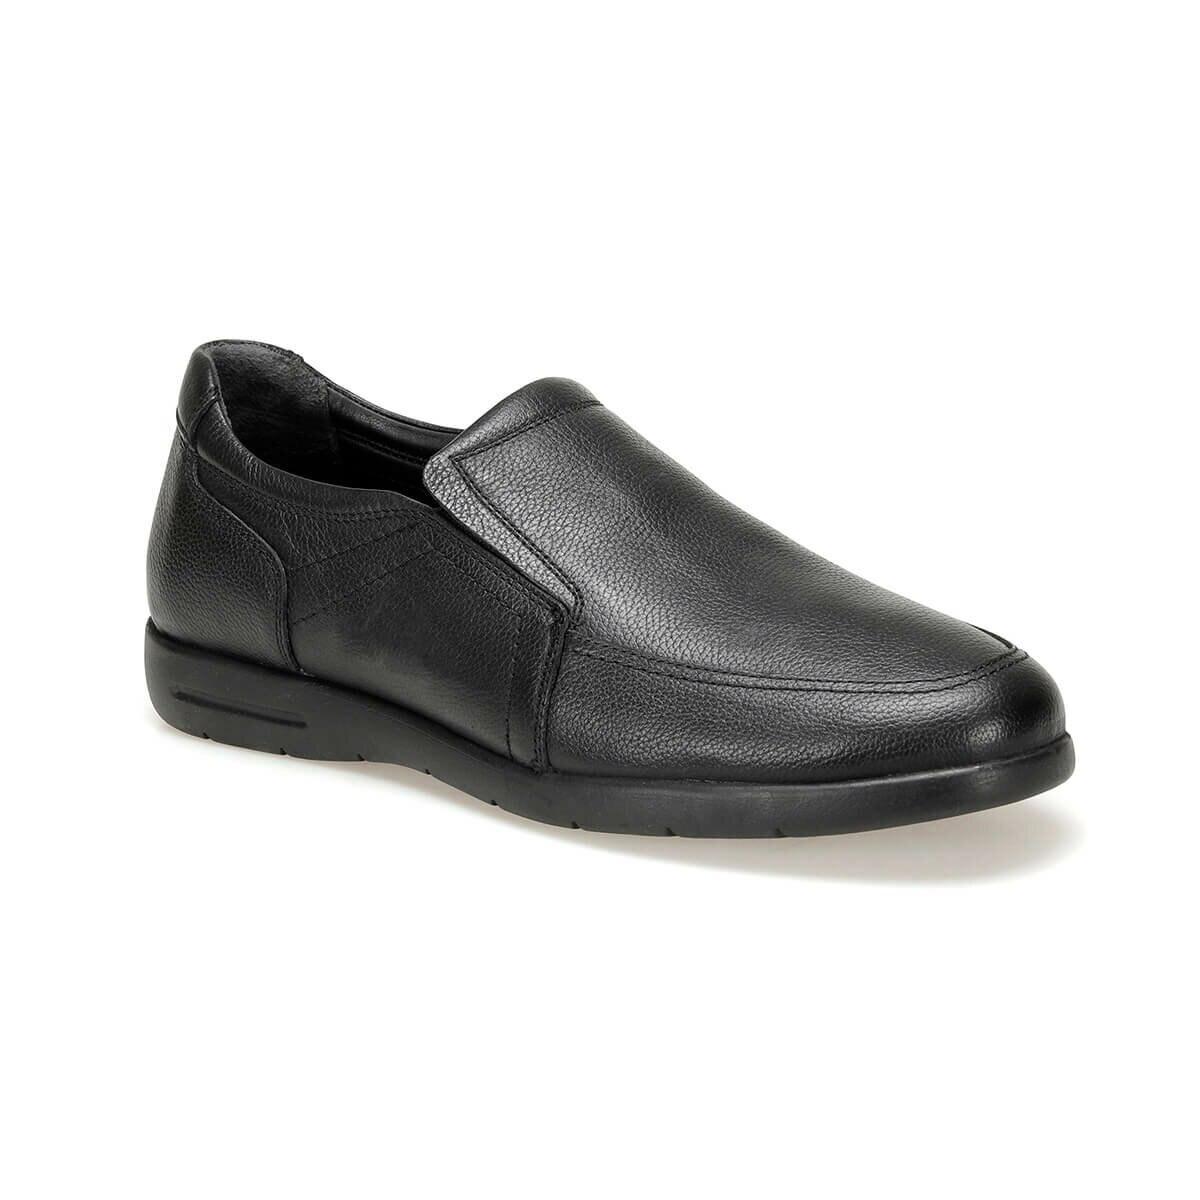 FLO 92.100905.M Black Male Shoes Polaris 5 Point